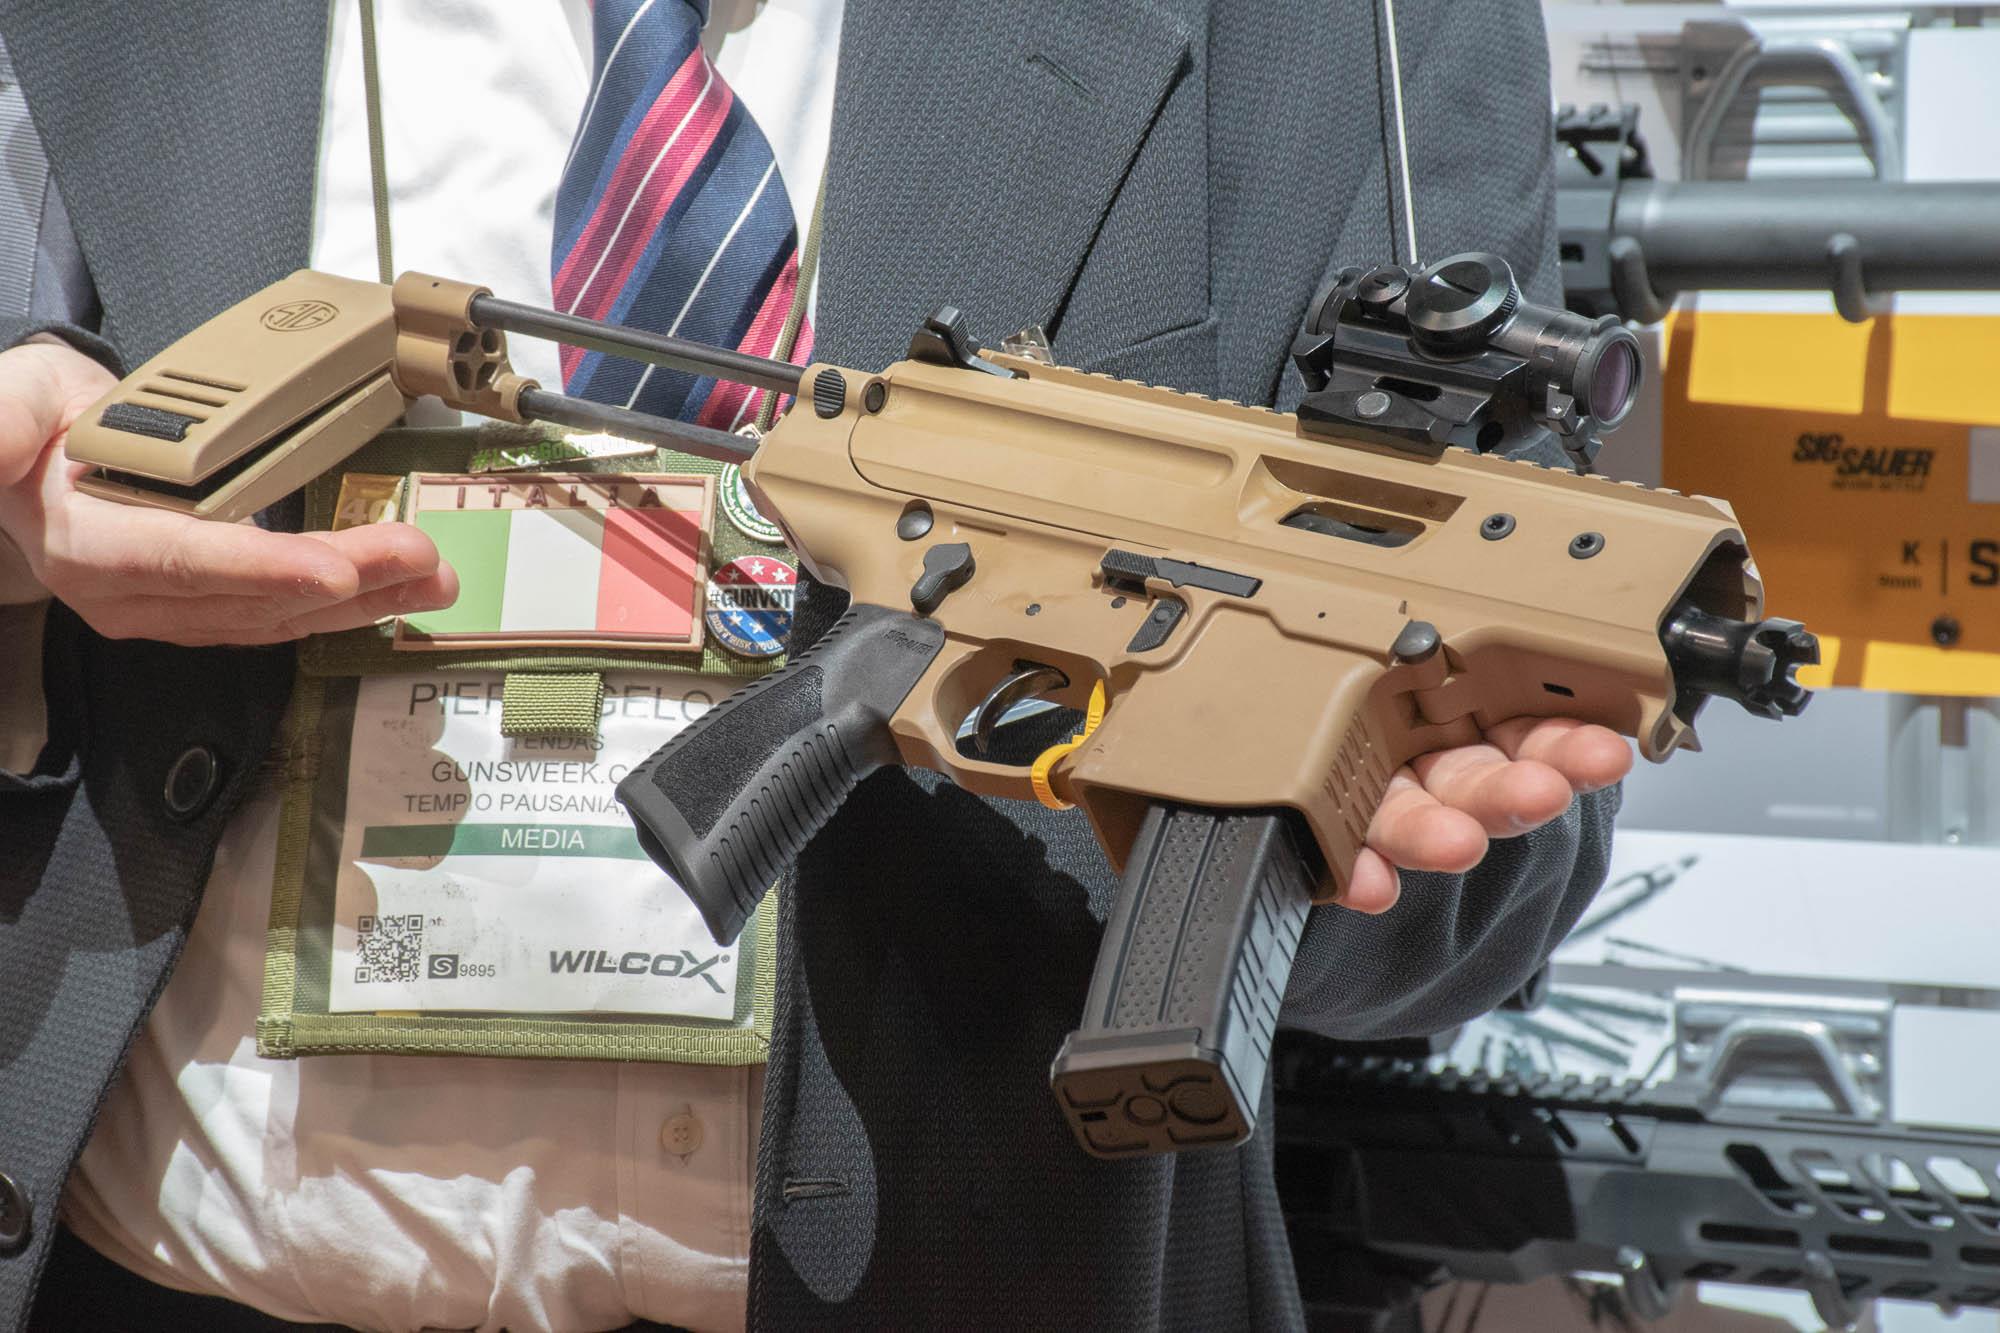 SIG Sauer MPX Copperhead pistol   GUNSweek com